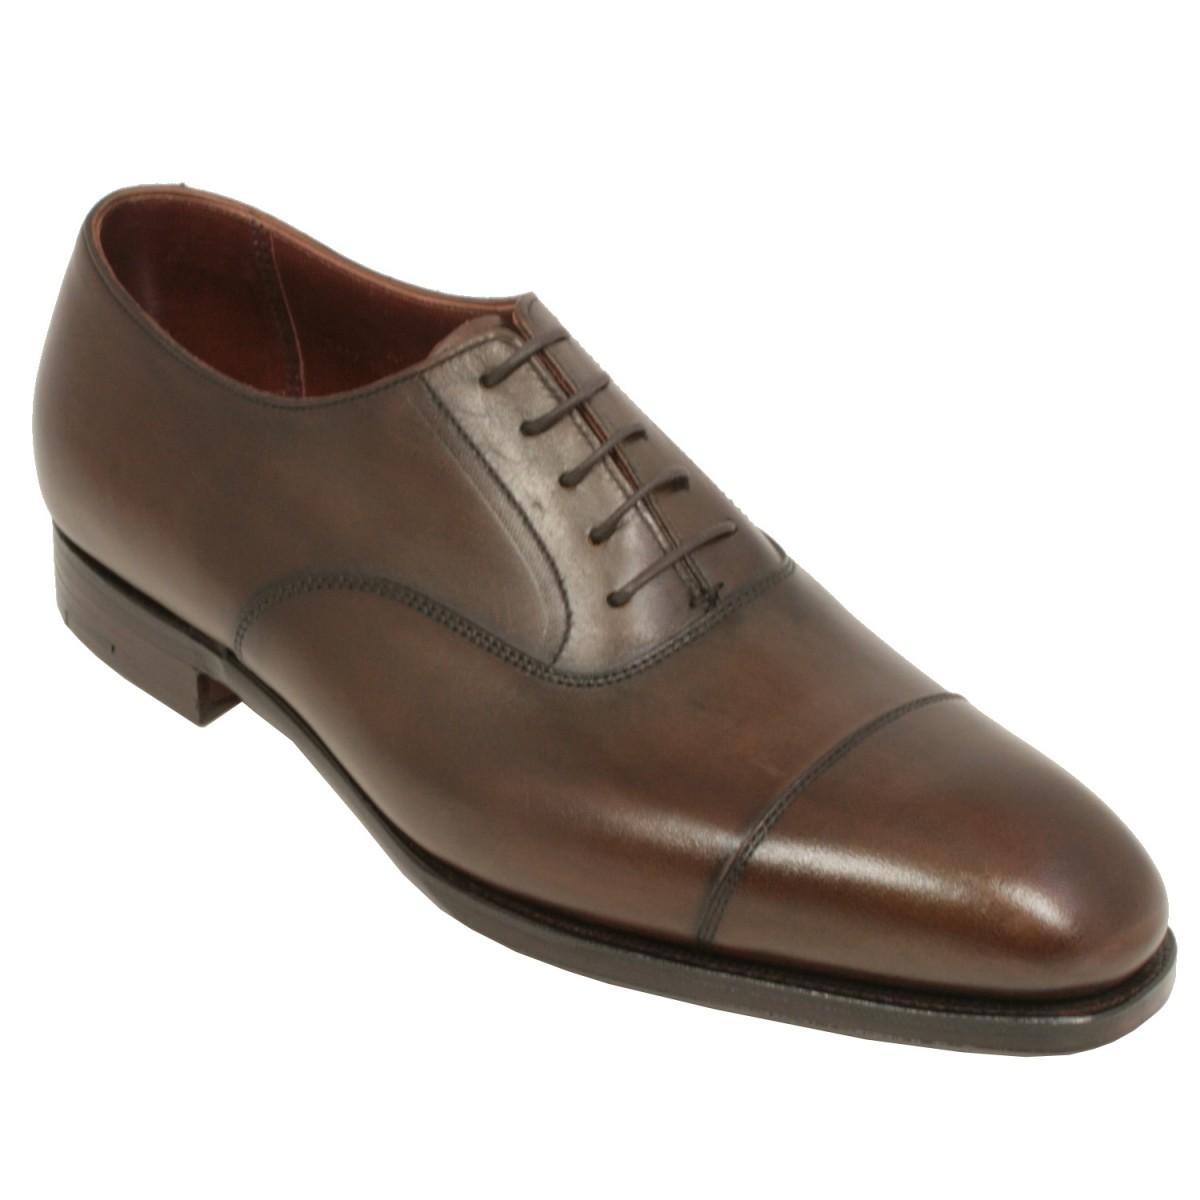 Jones】Audley クロケット&ジョーンズ UKサイズ5~13(日本サイズ23.5cm~31.5cm) ダークブラウンイギリス製 ワイズE 【Crockett and オードリー 革靴